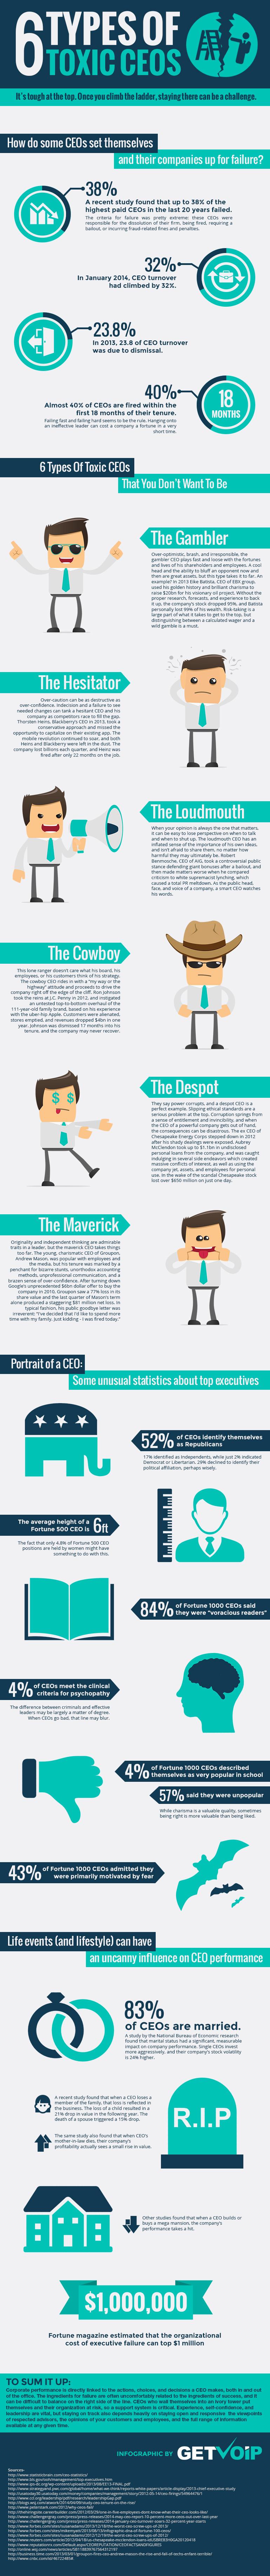 toxic-ceos-infographic